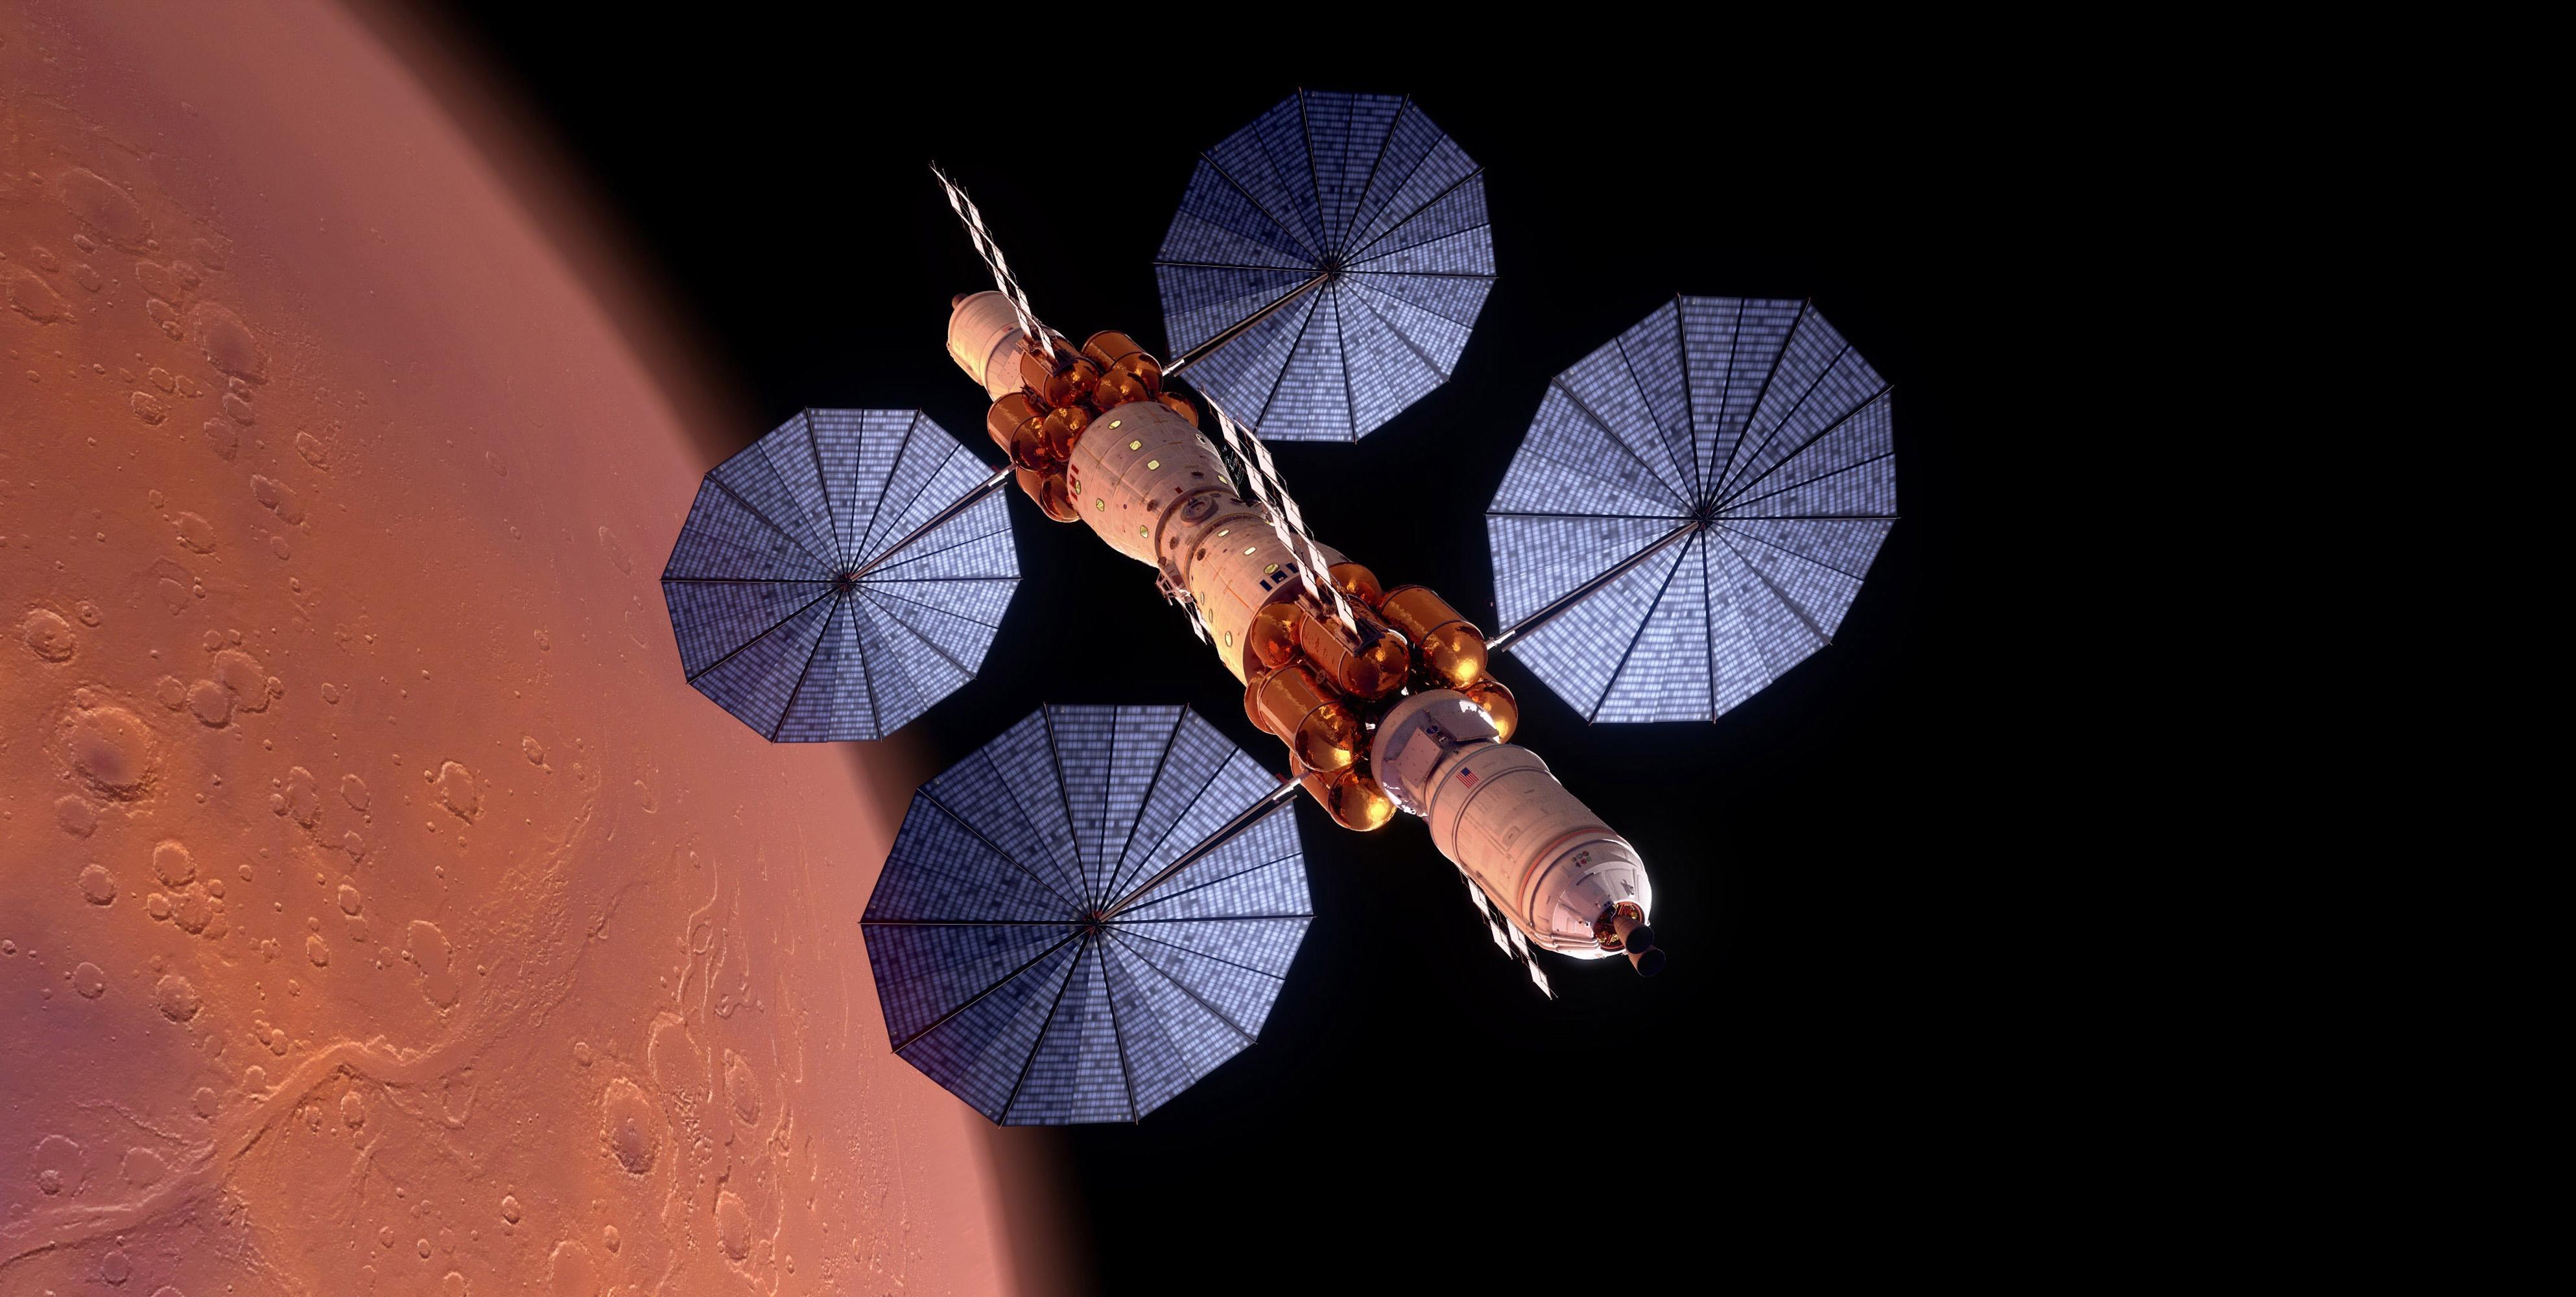 Космическая станция в космосе, марс, спутник, галактика ultra hd 4k, 3973 на 2000 пикселей